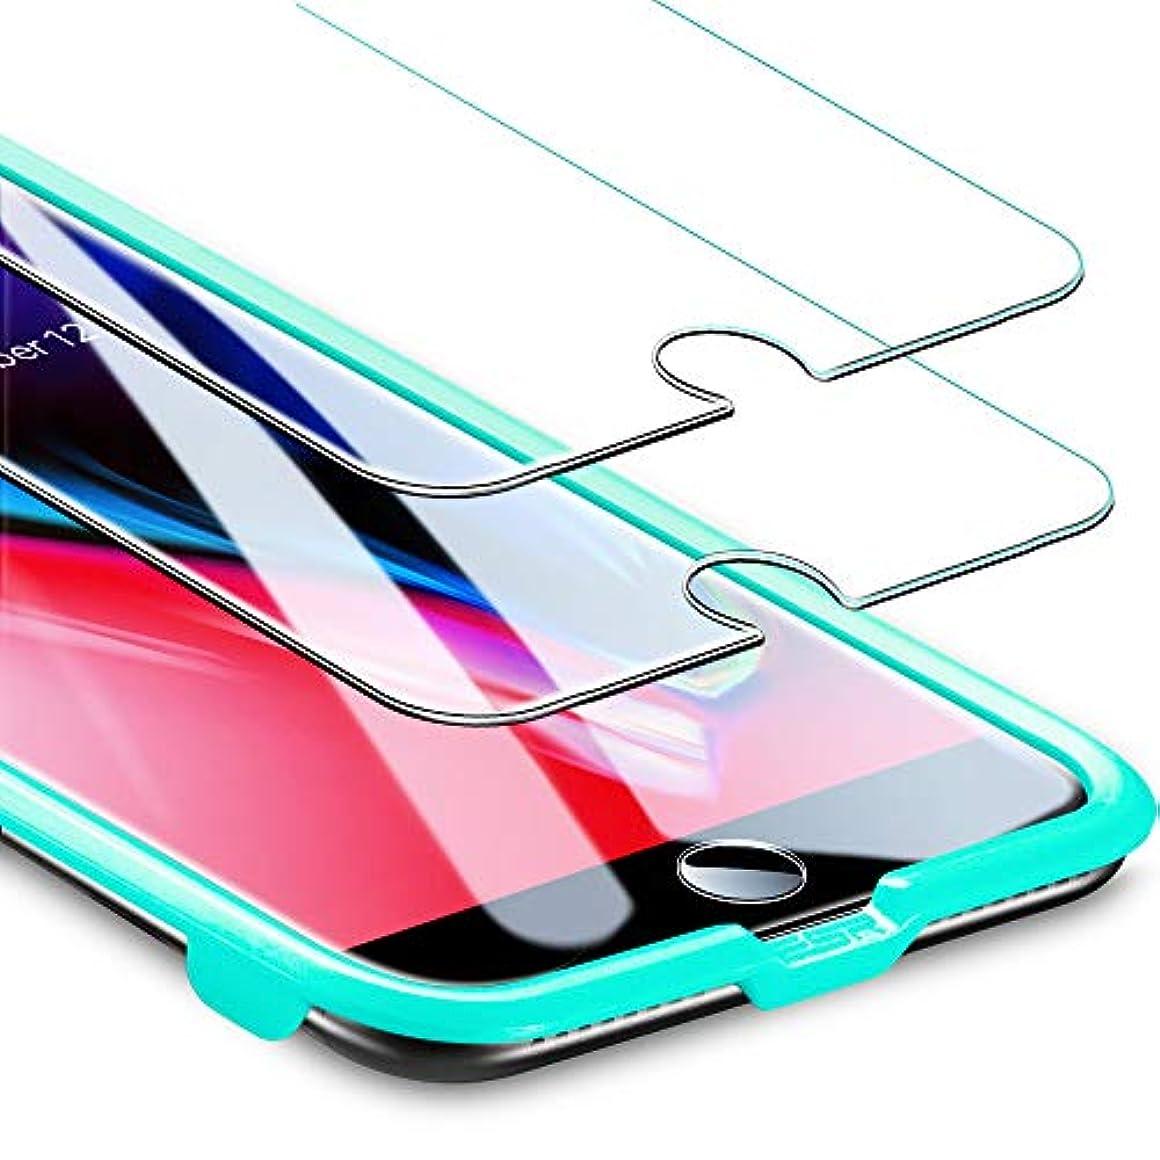 誤解を招くオフ音声学ESR iPhone 8 ガラスフィルム iPhone 7 用強化ガラスフィルム [2枚入り] [簡単貼り付けガイド枠] [ケースと相性バッチリ] iPhone 8/7用ガラスフィルム 高品質強化ガラス液晶保護フィルム